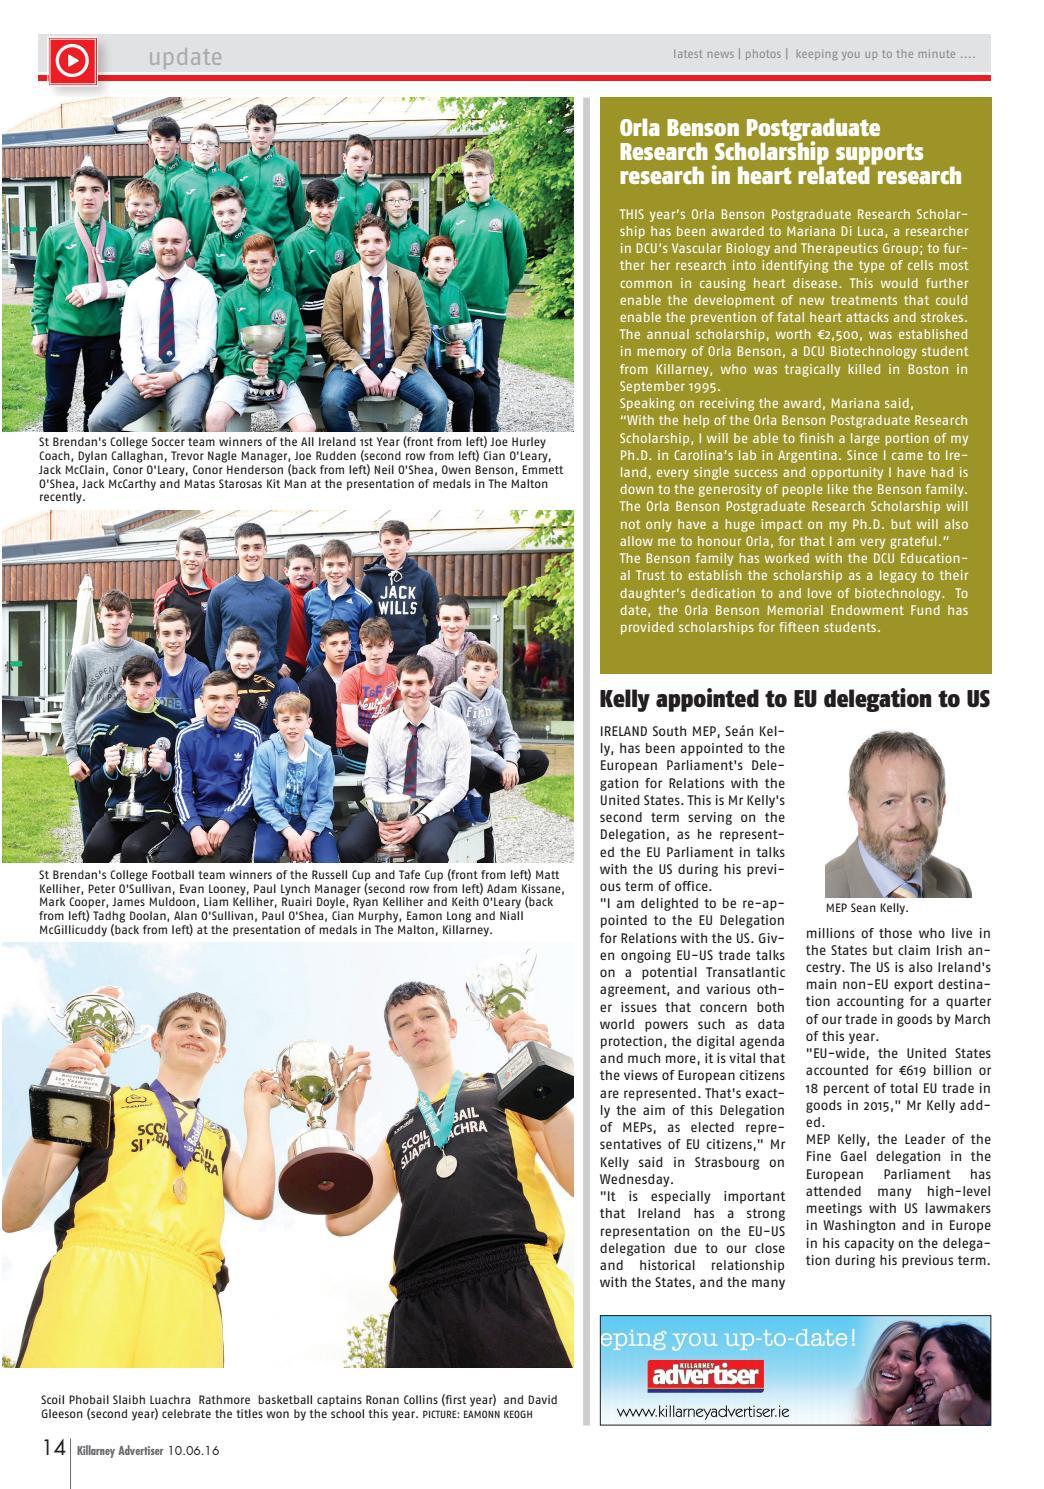 Killarney Advertiser 11th October 2019 by Killarney Advertiser